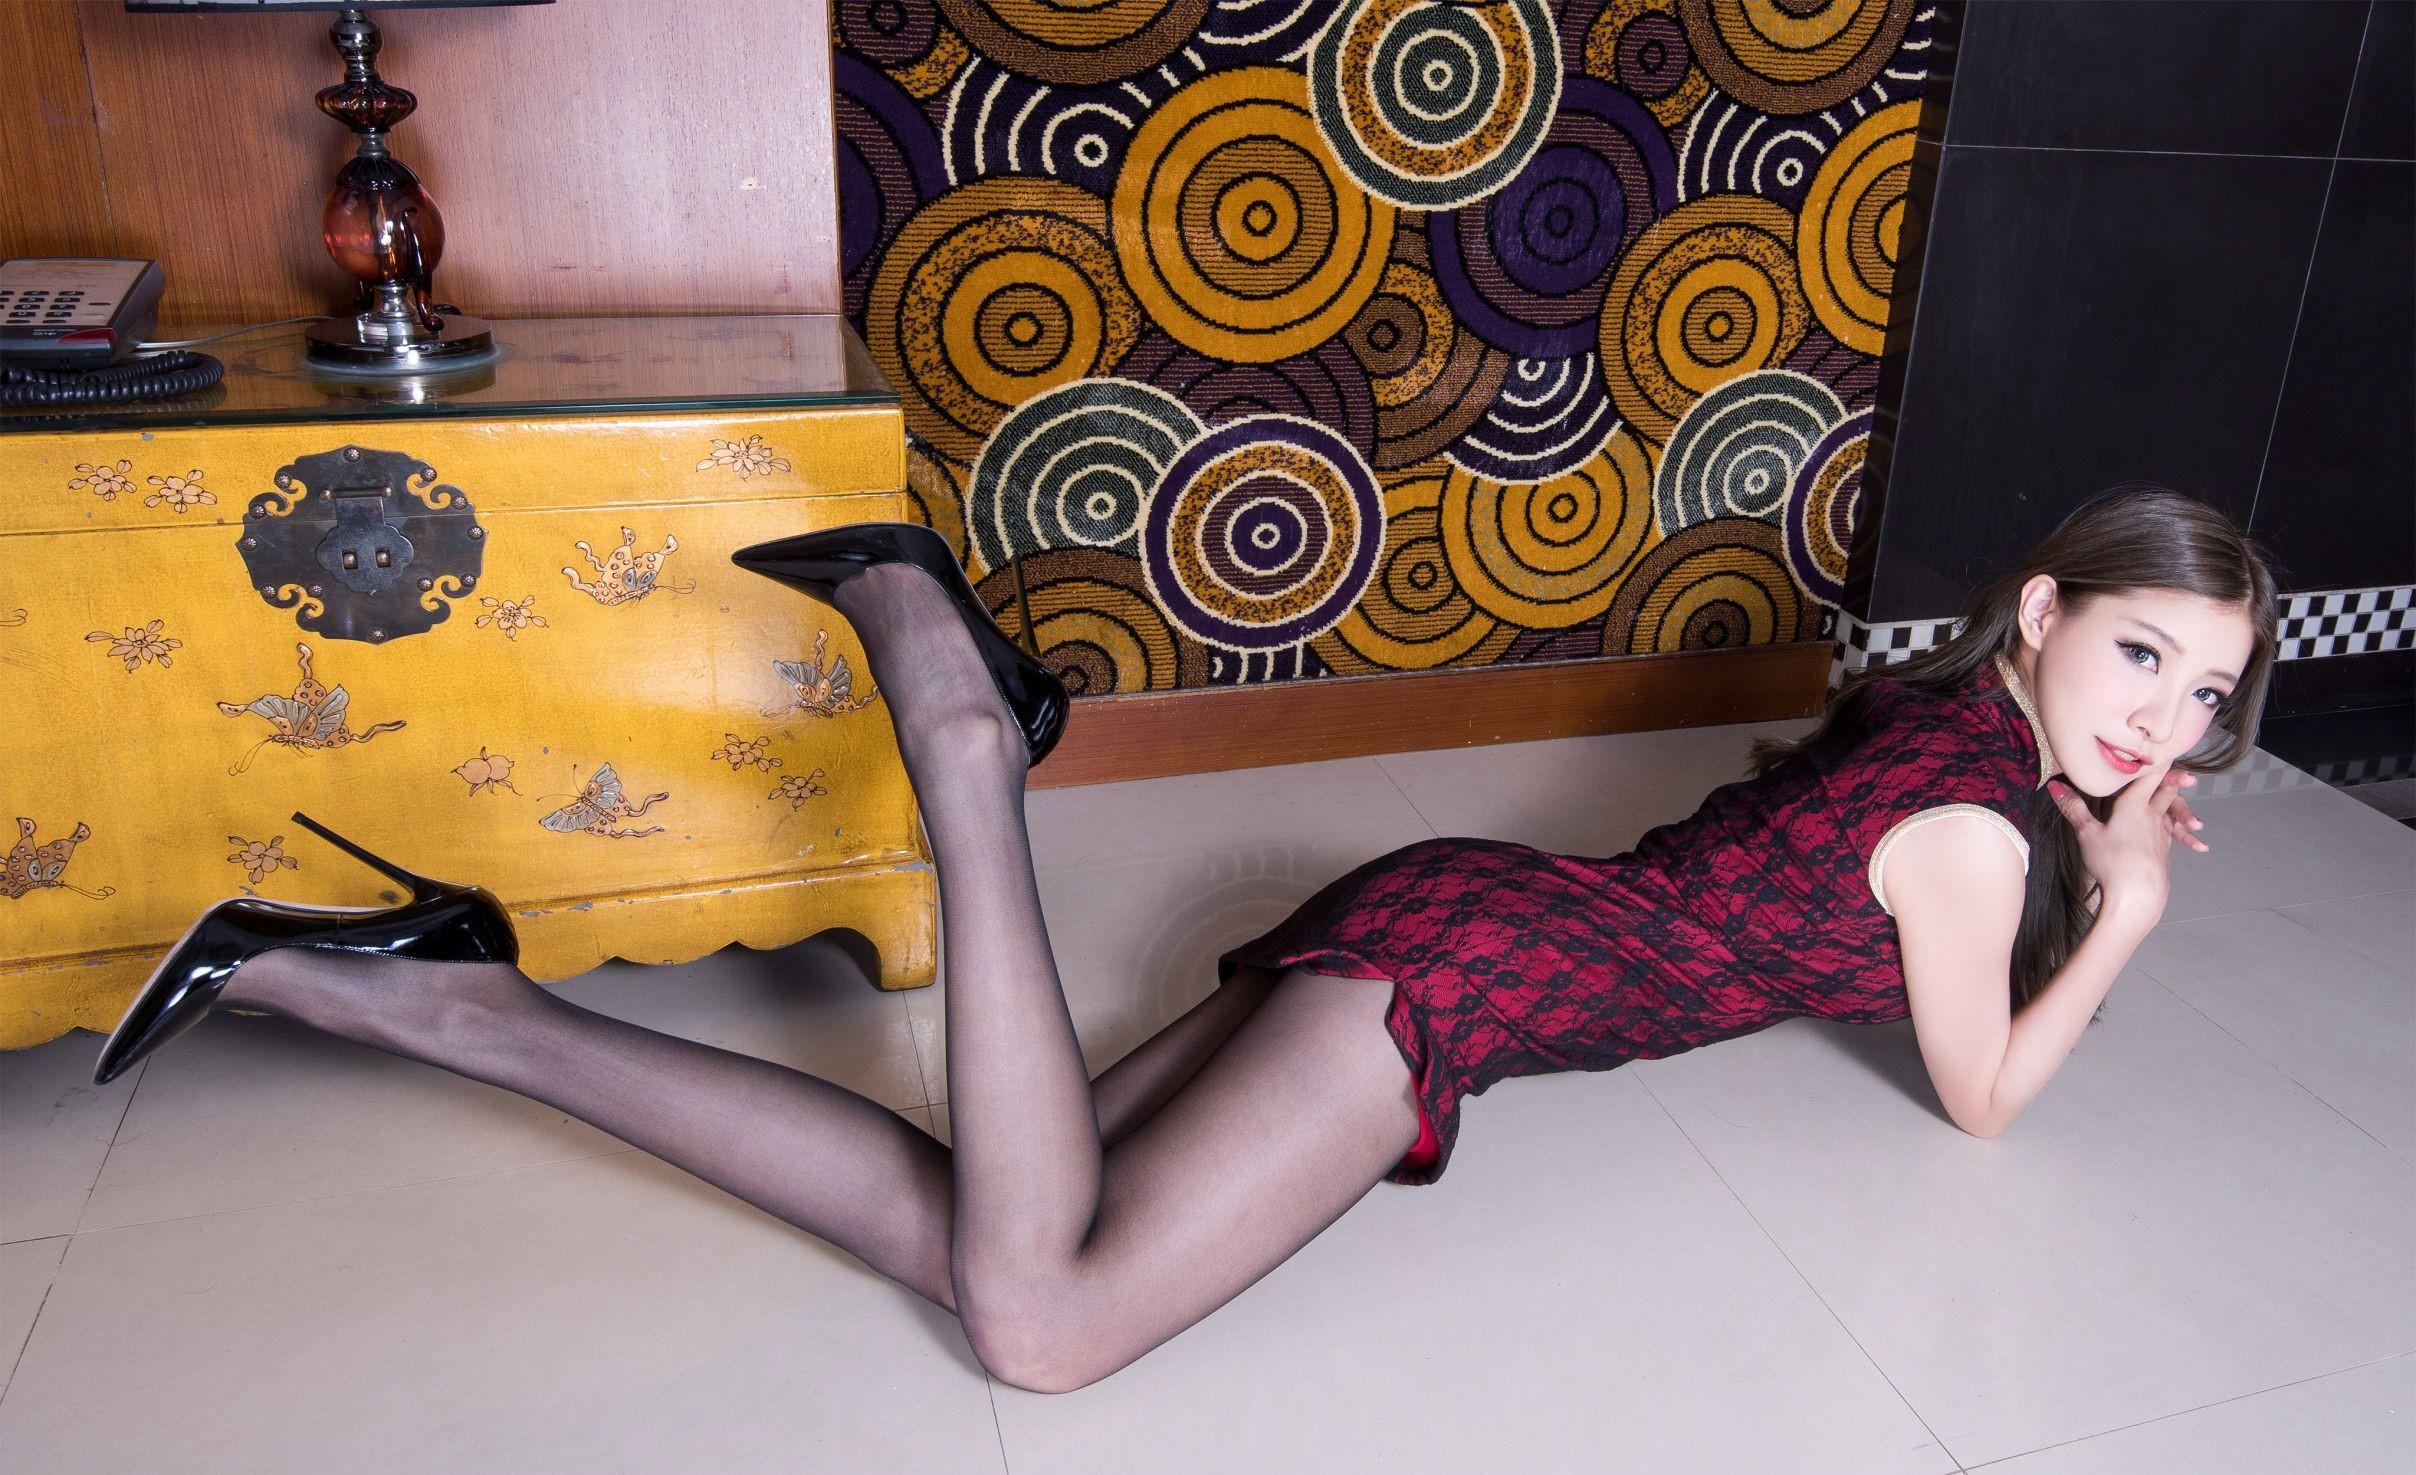 パンスト脚を見せつけるチャイナ美女 20